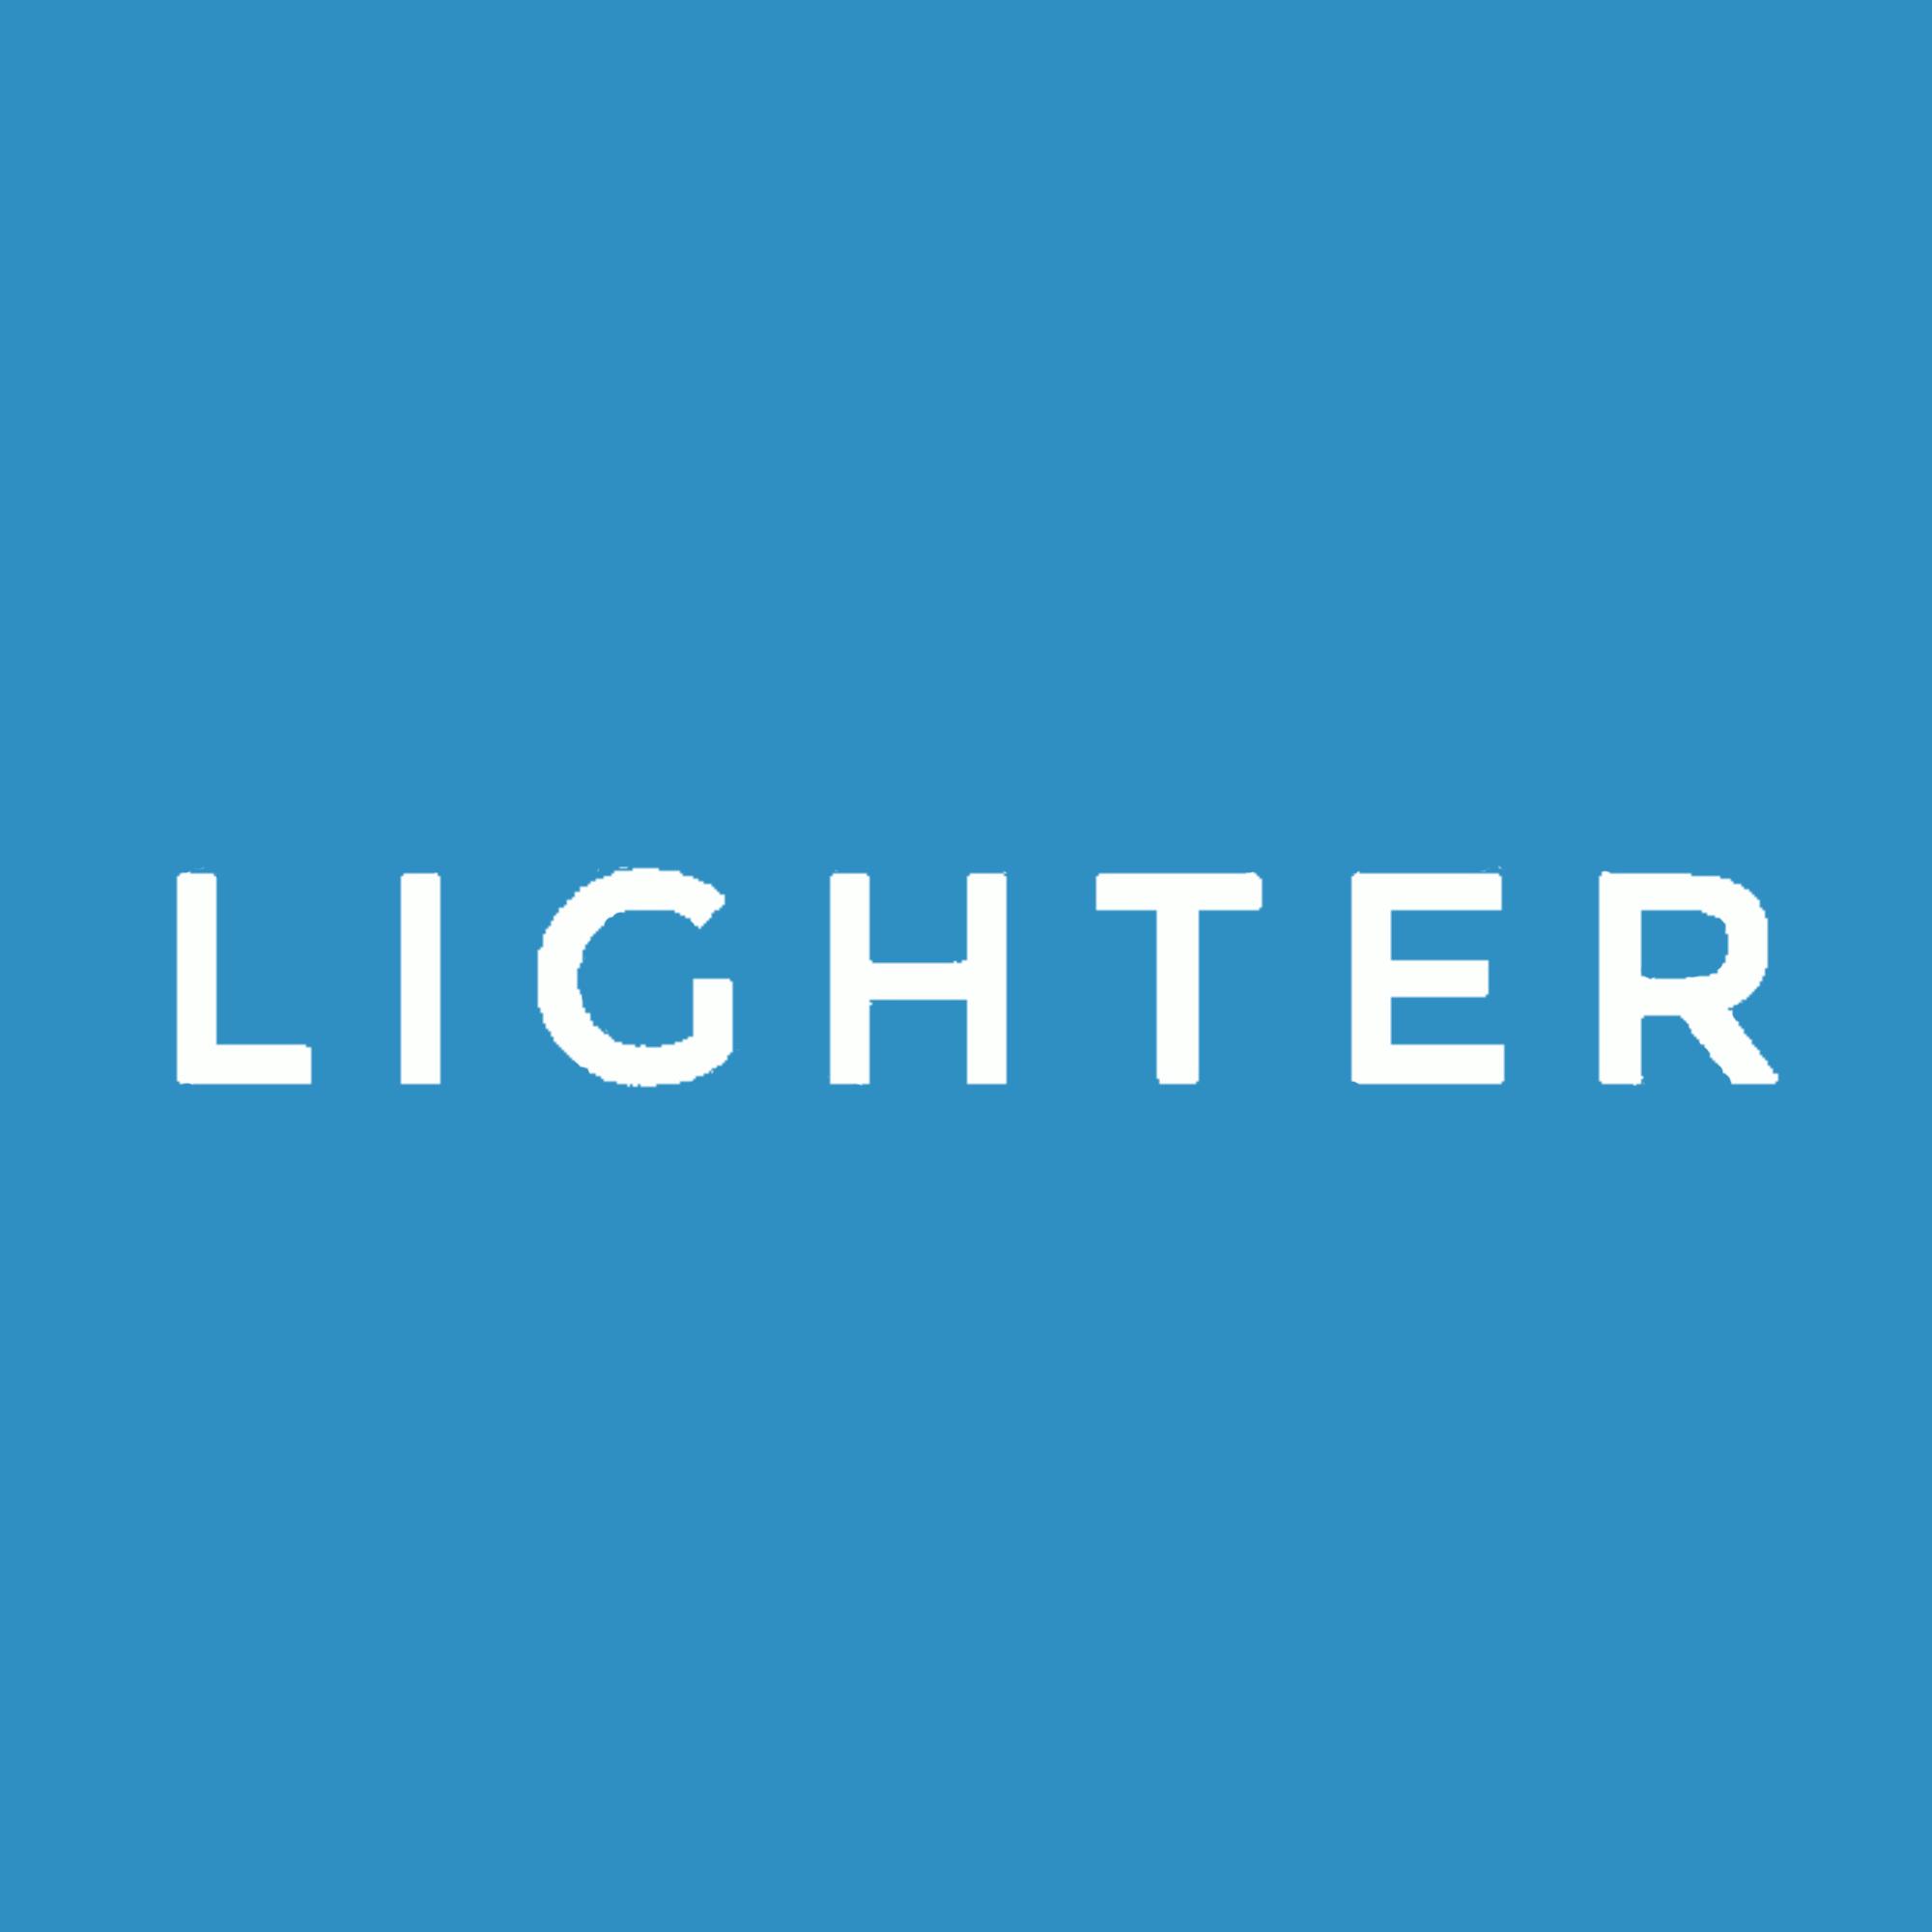 blue - lighter.jpg